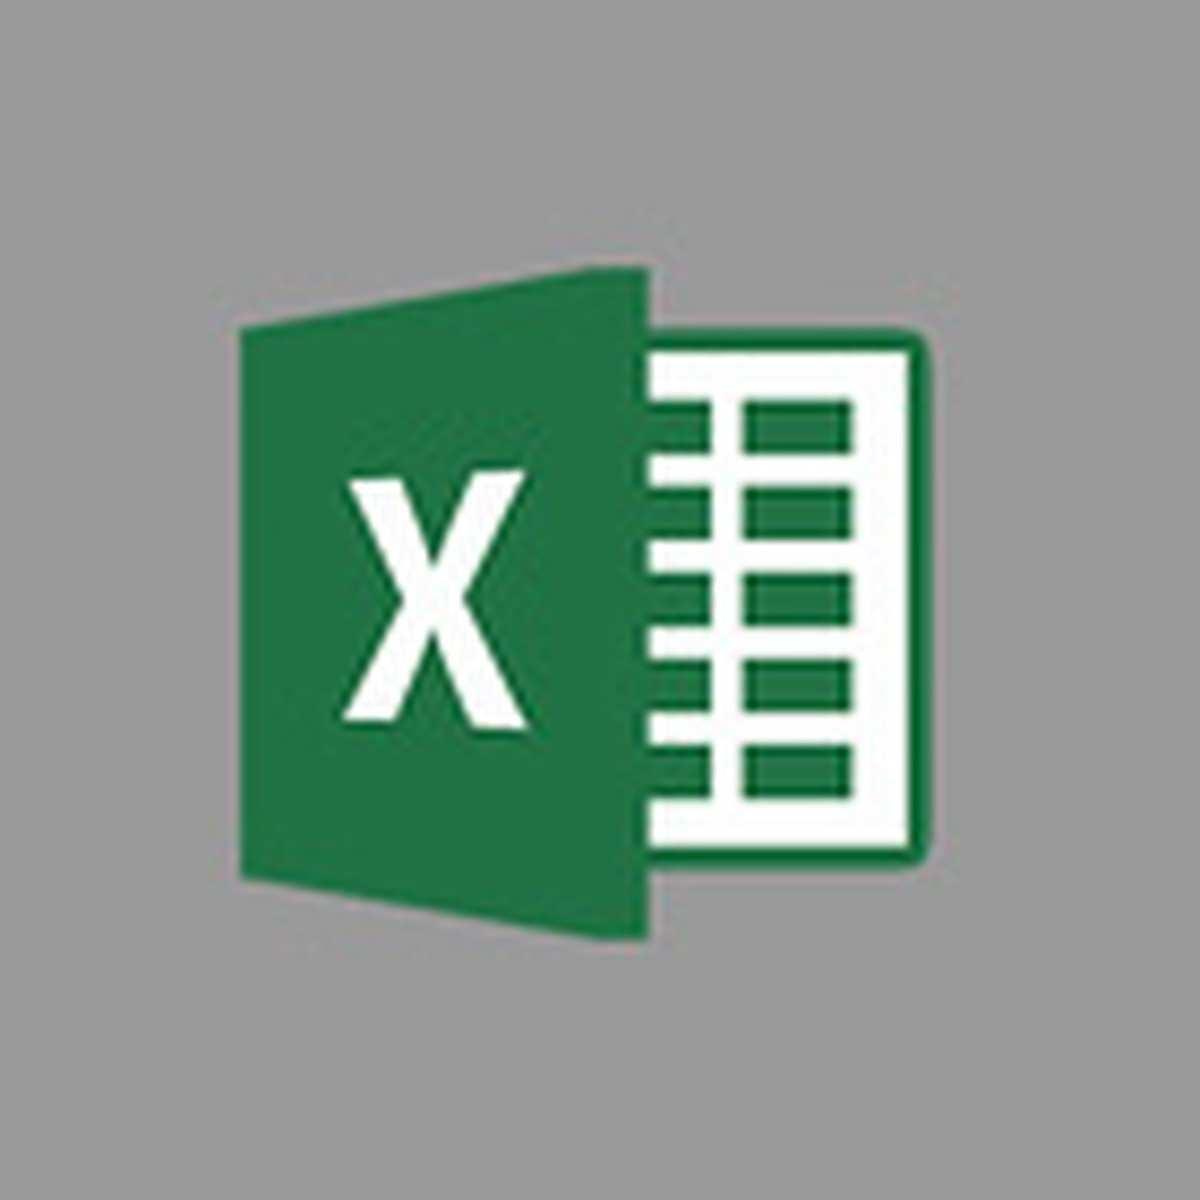 Zinseszins Mit Excel Berechnen So Geht Die Formel Chip